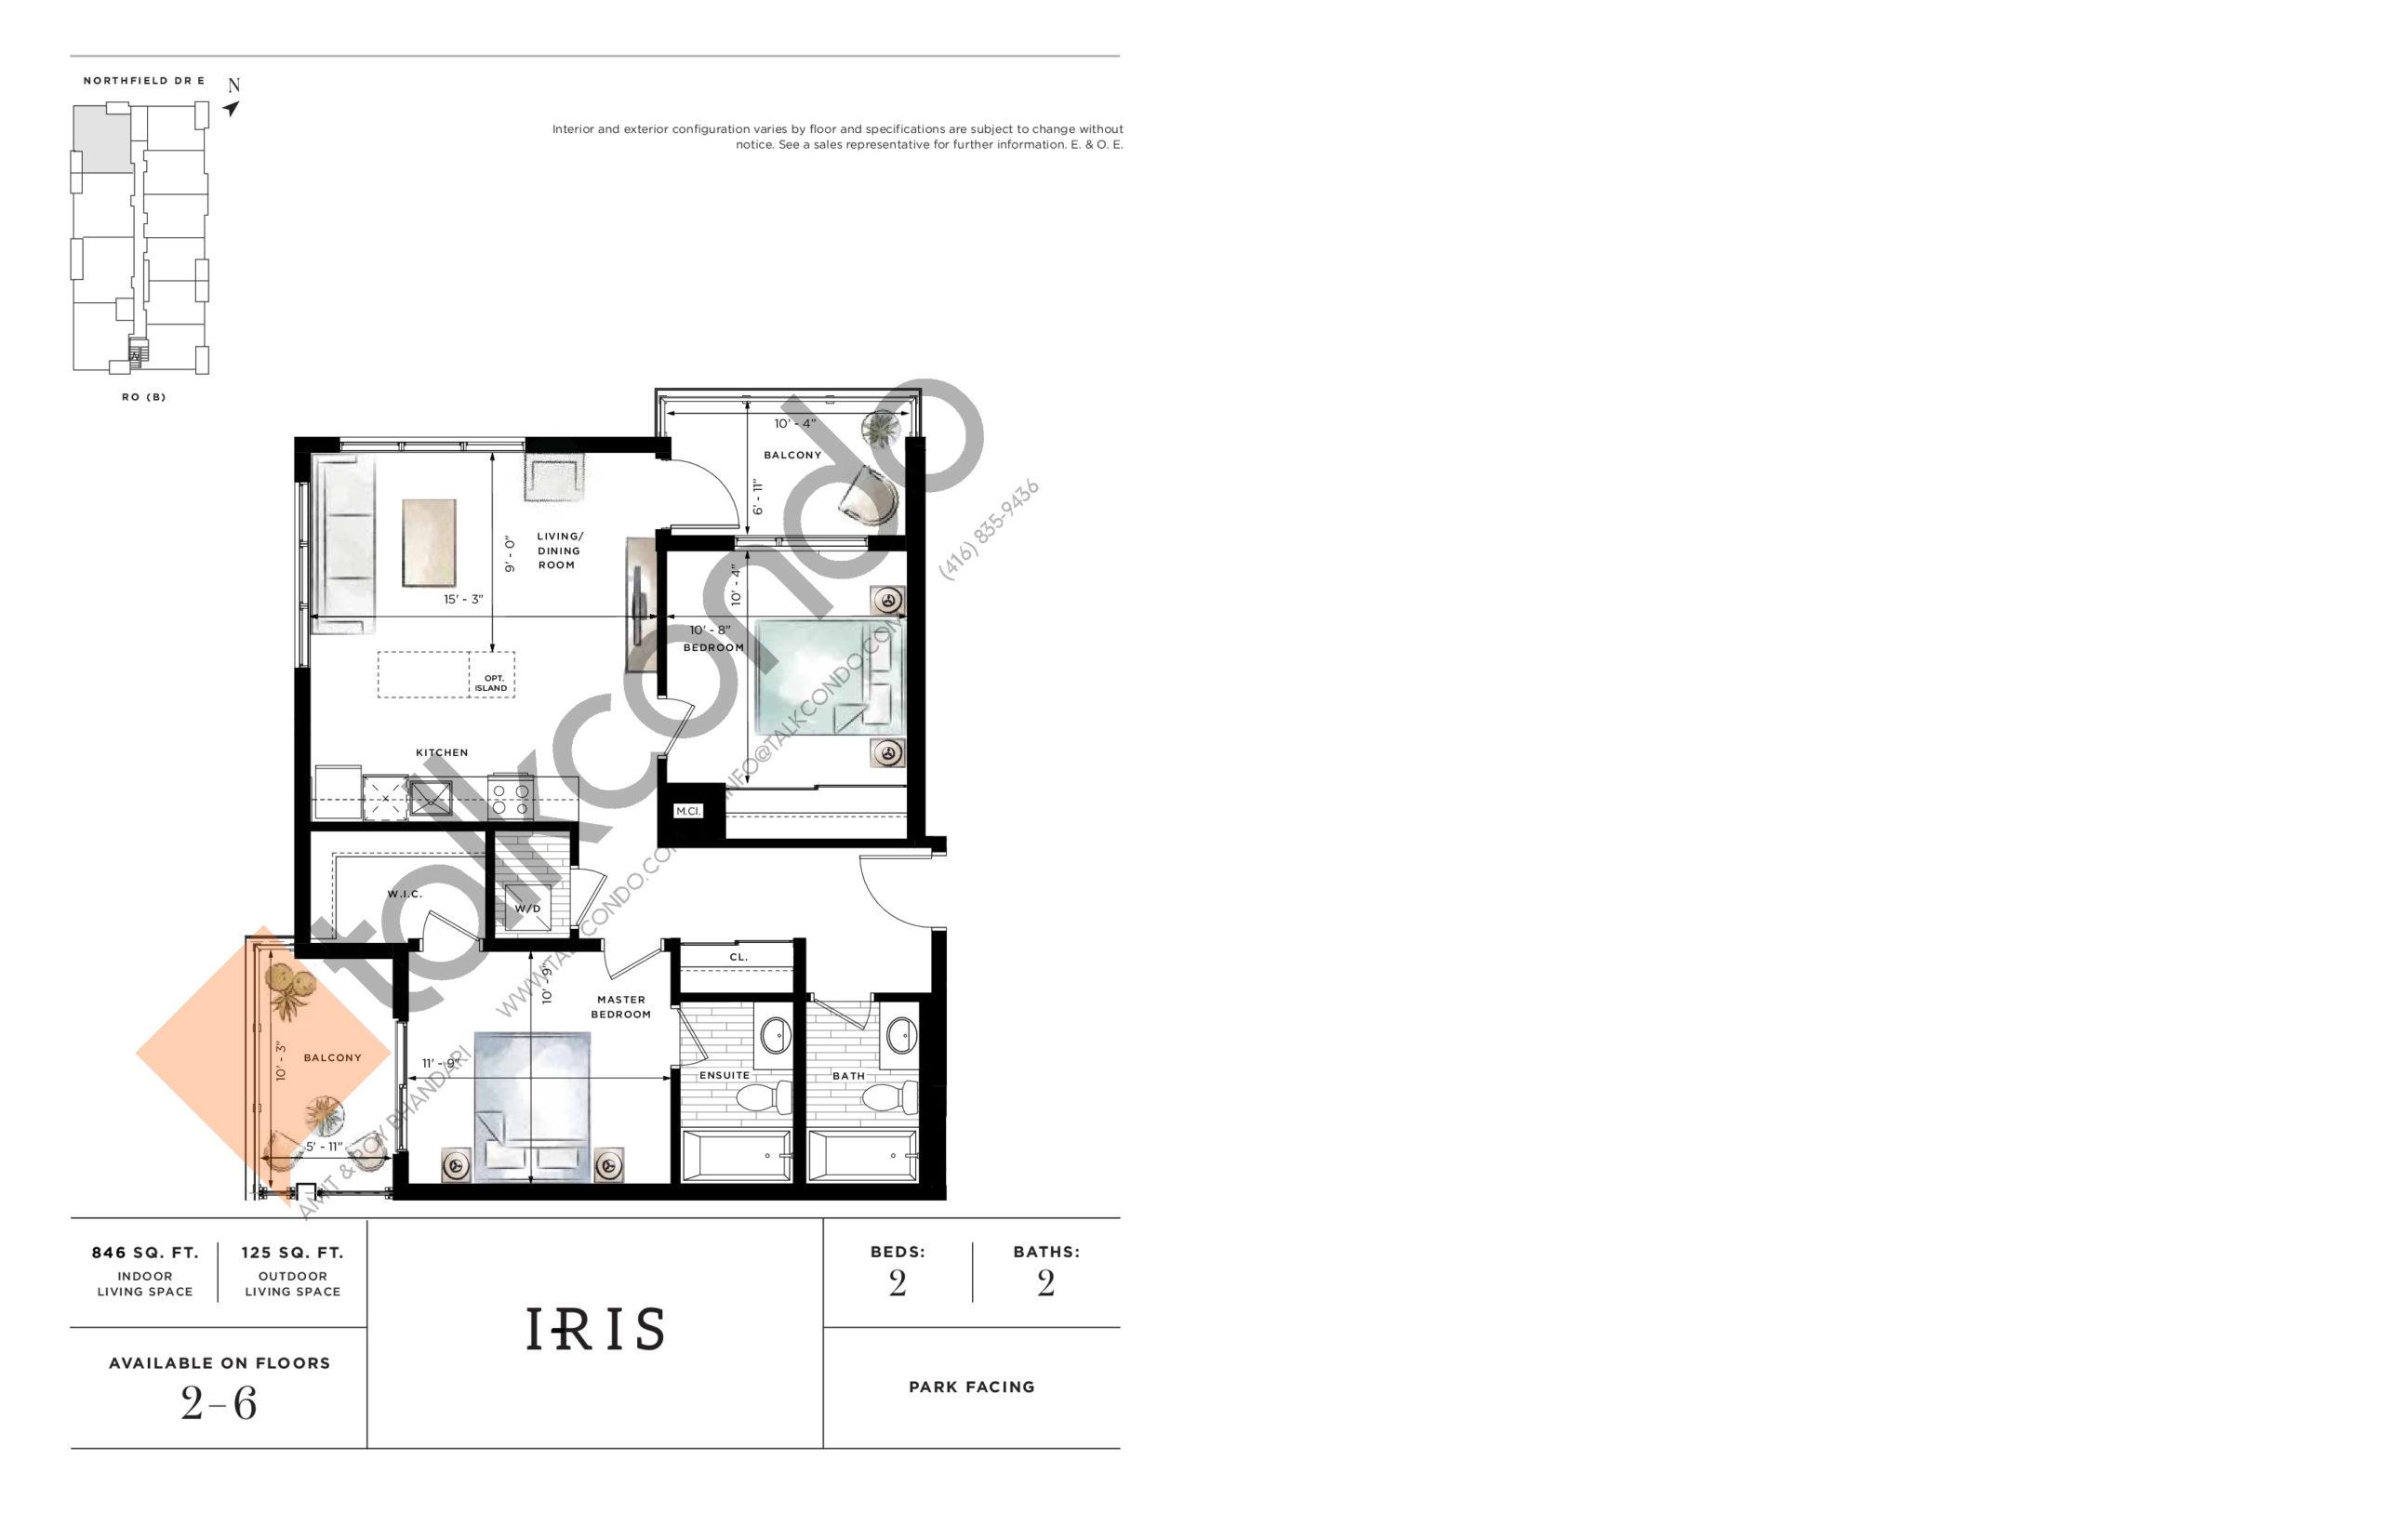 Iris Floor Plan at Ro at Blackstone Condos - 846 sq.ft